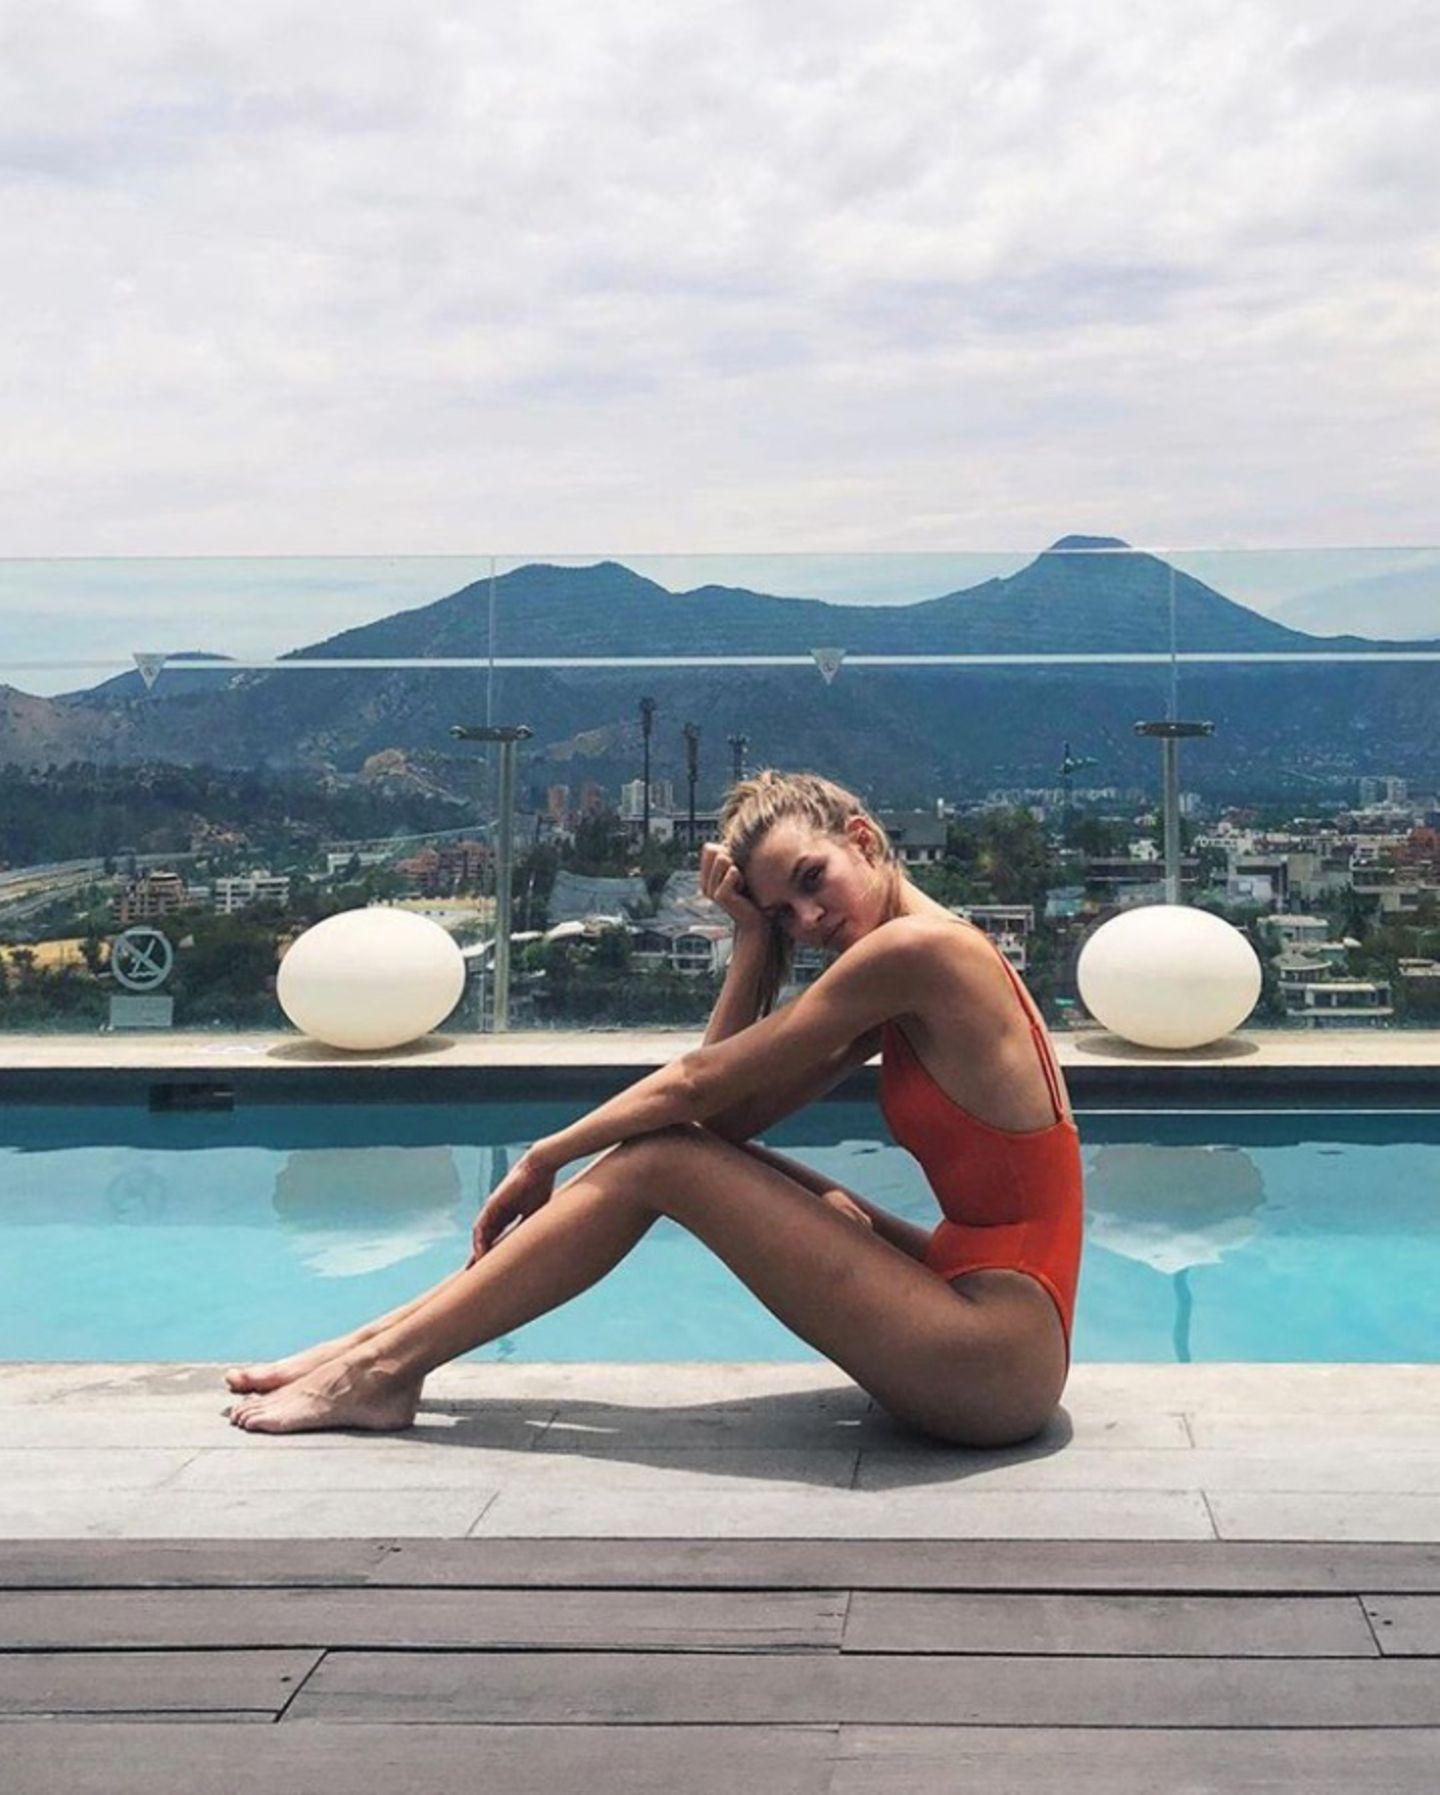 Mit diesem sonnigen Pool-Foto verabschiedet sich Josephine Skriver kurz vor Beginn der Reise von den warmen Temperaturen in Santiago Chile.